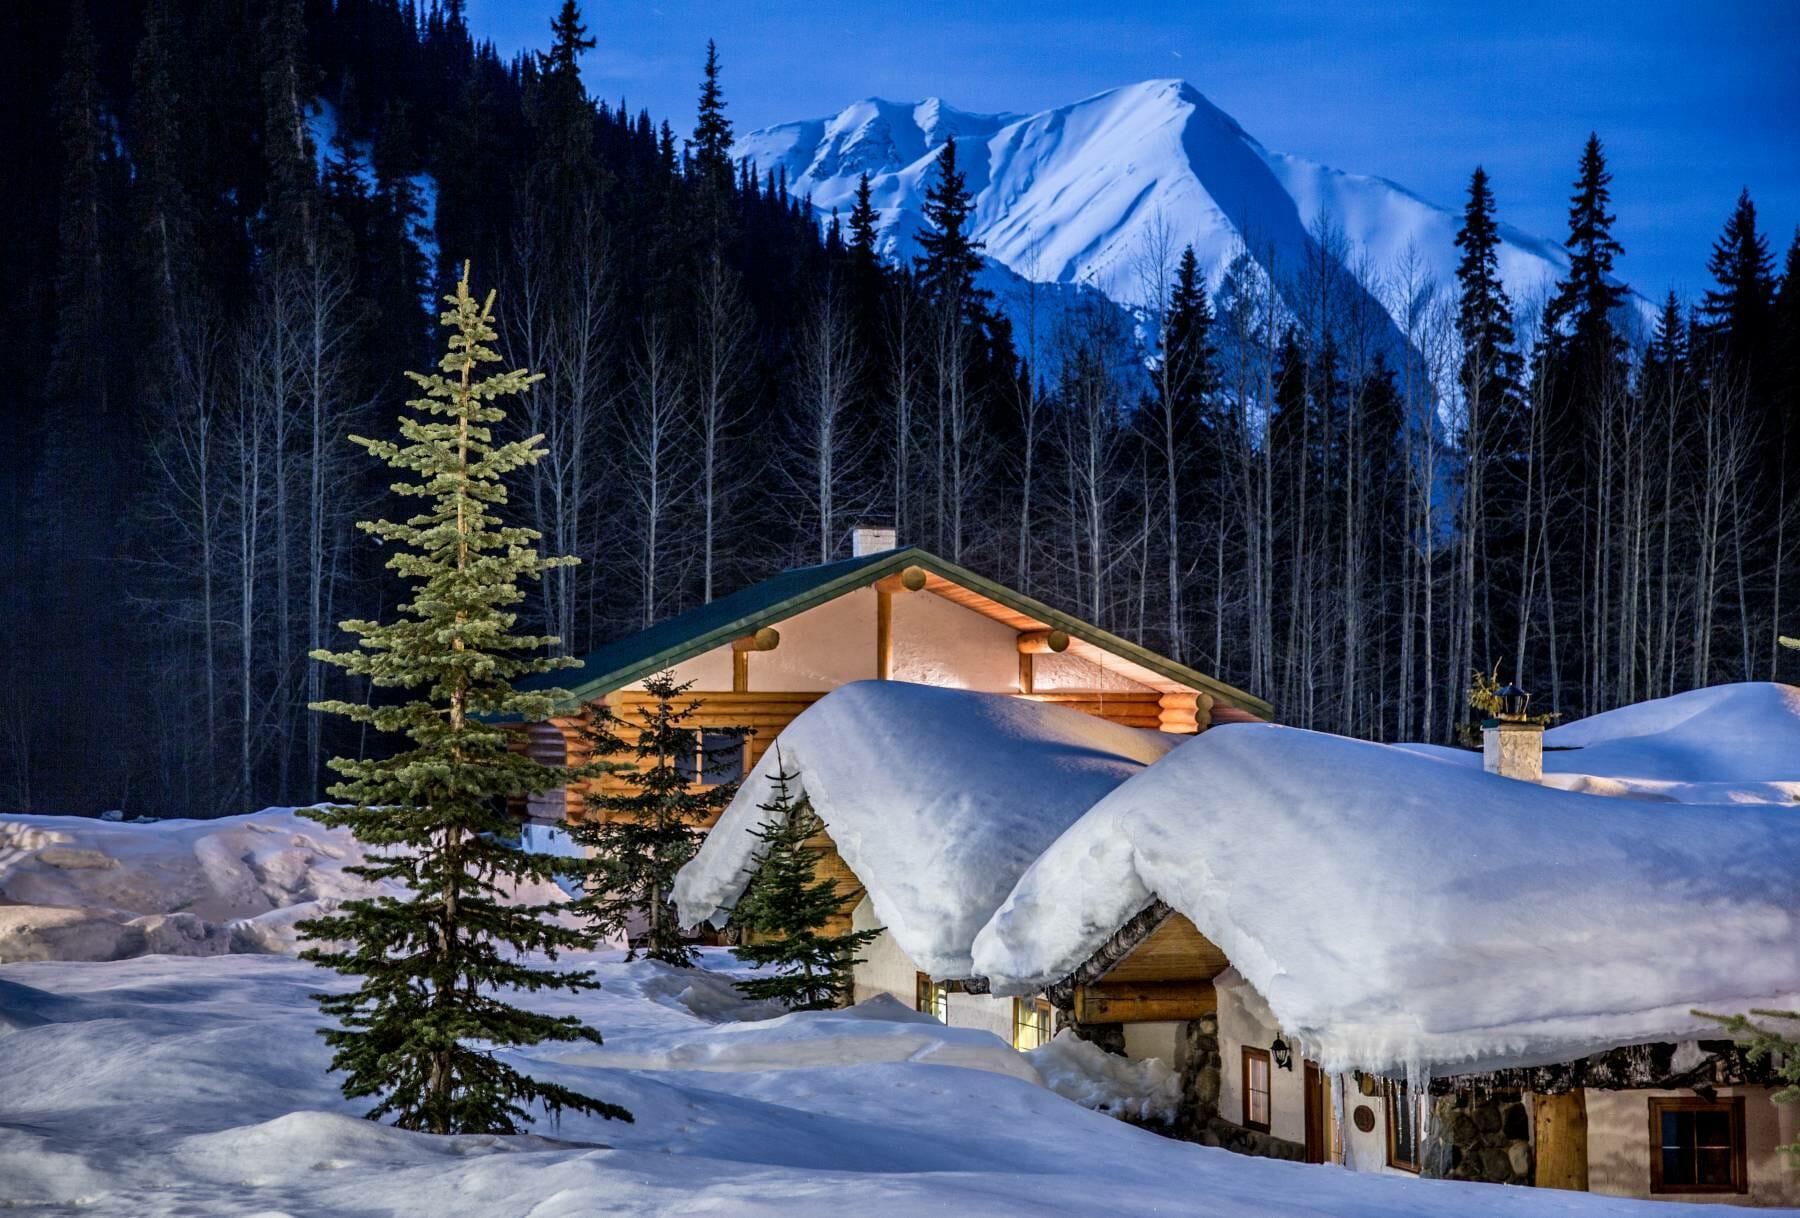 Bell 2 Lodge Photo - Steve Rosset